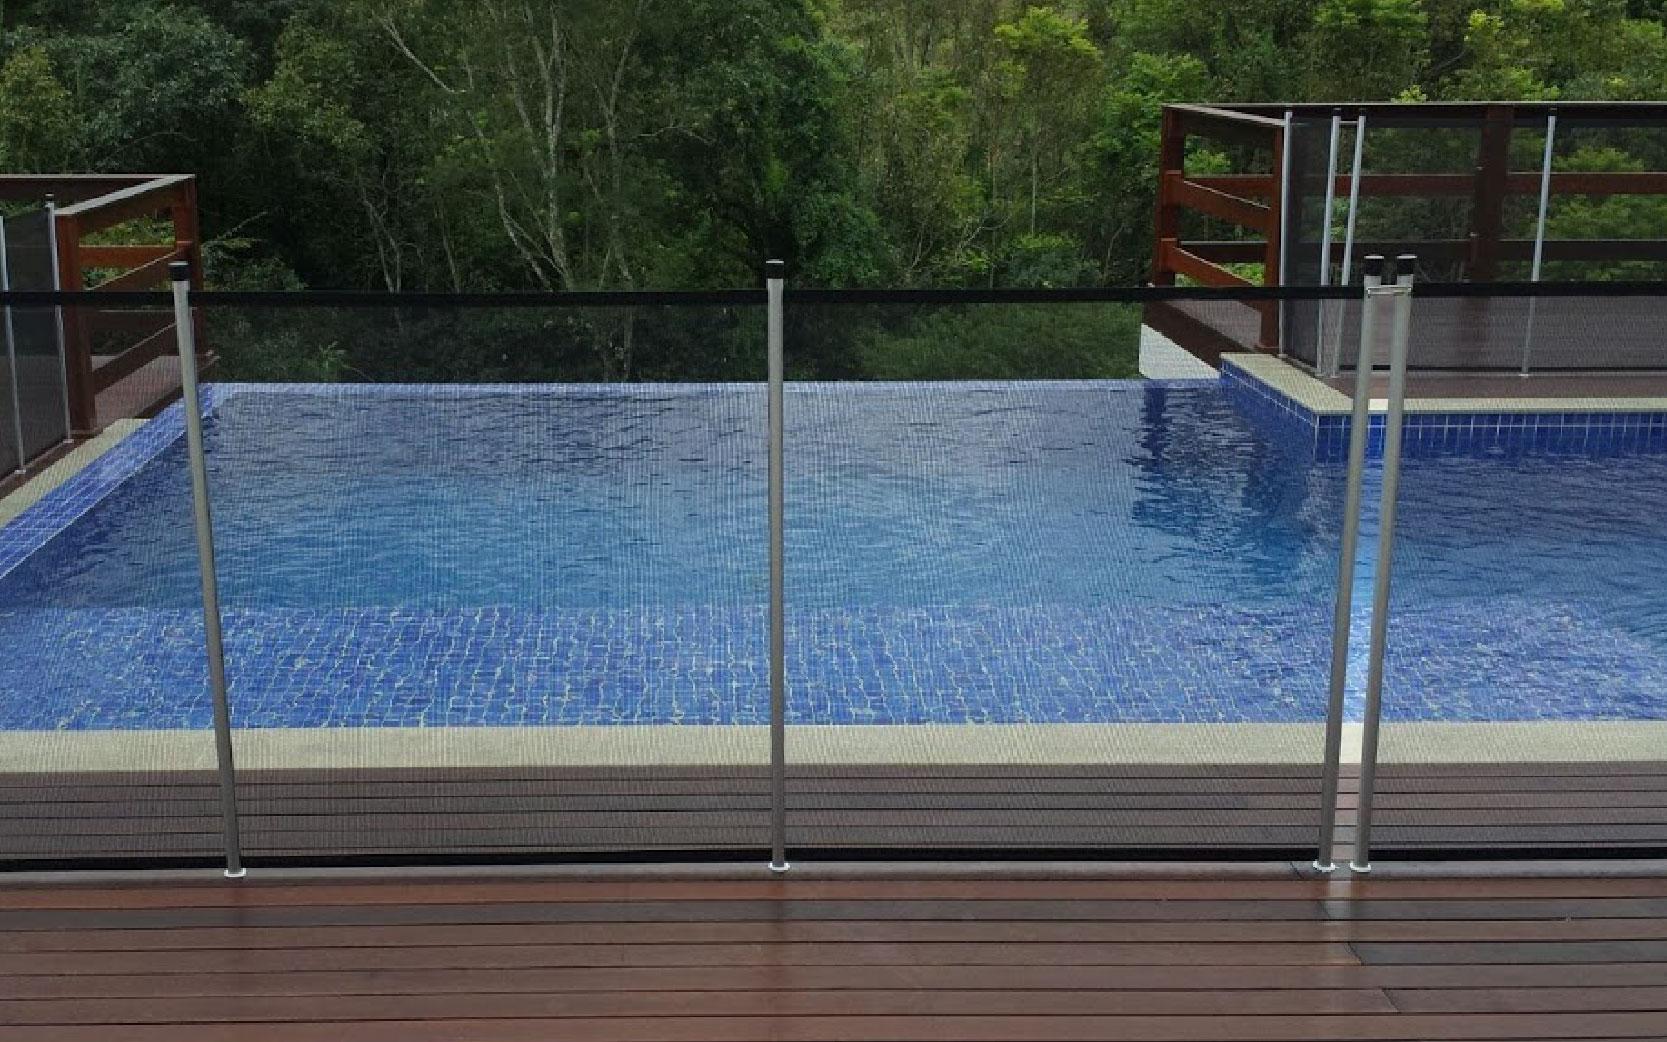 cerca_segurança_piscina-08